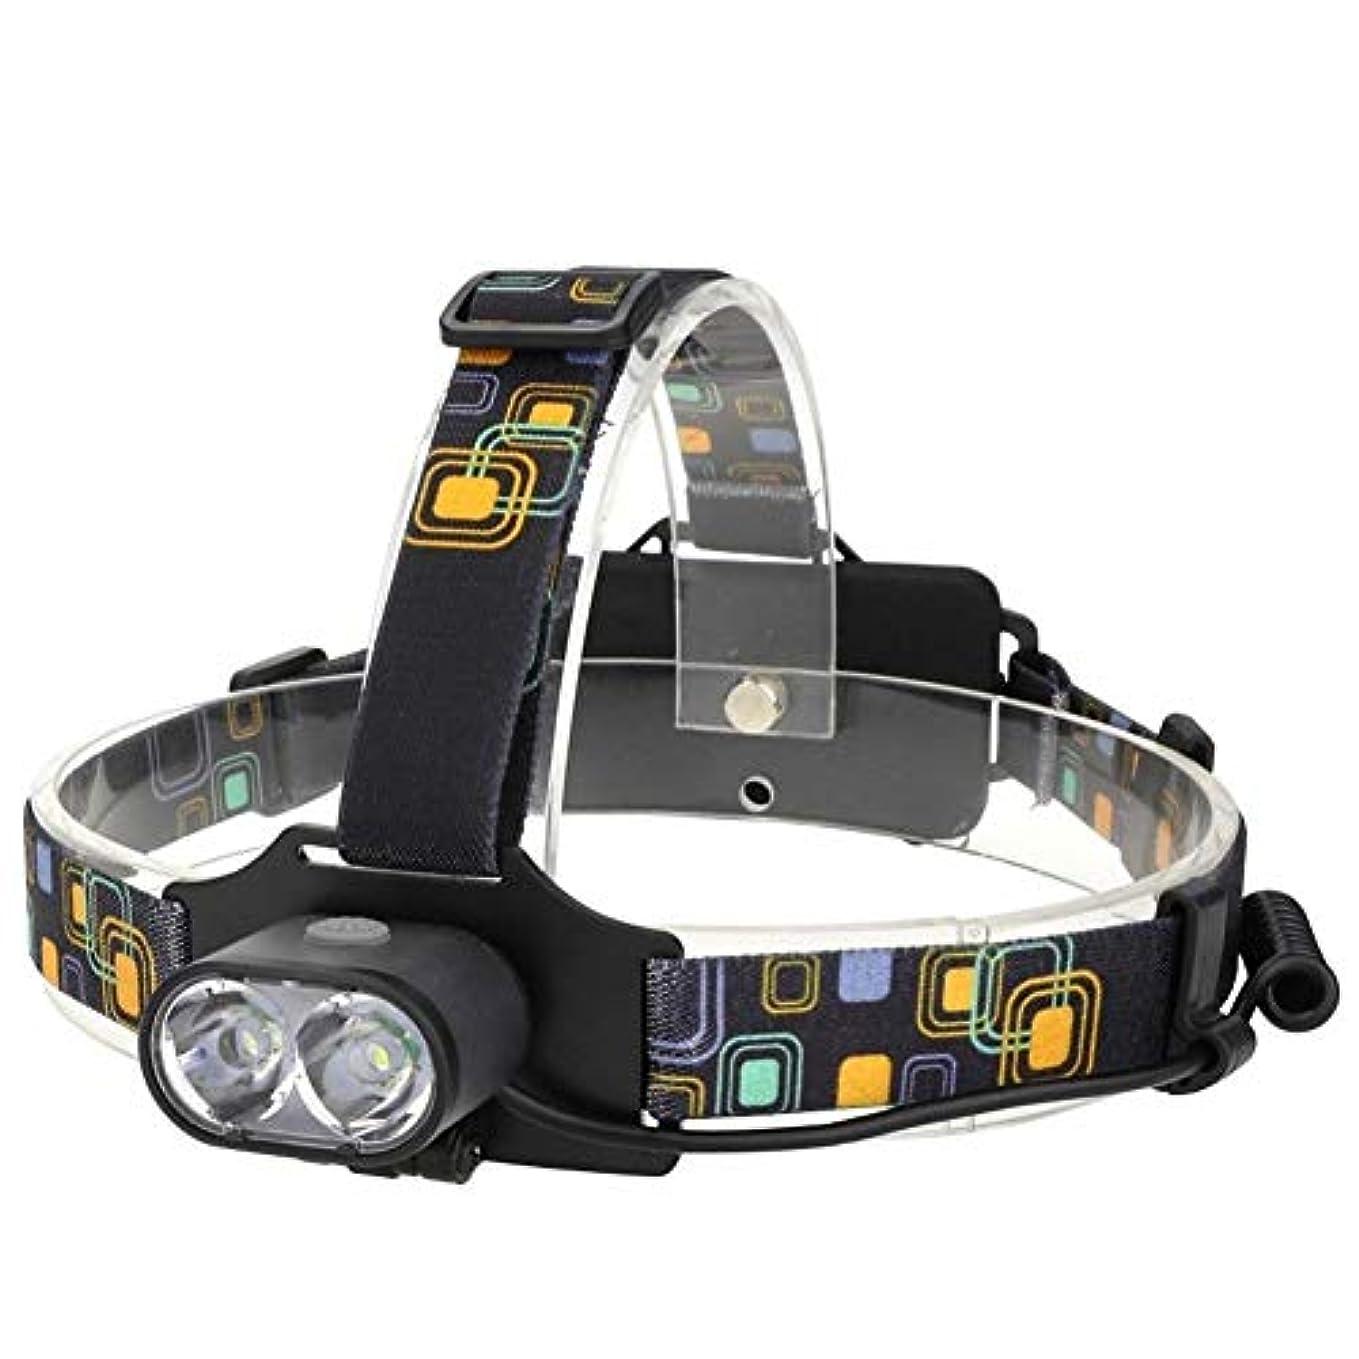 トラクターインク事実ZAIHW USB充電式LEDヘッドトーチ - 超高輝度、防水、軽量&快適 - ヘッドランプランニング、ウォーキング、キャンプ、読書、ハイキング、キッズ、DIYなどに最適、USBケーブル付き